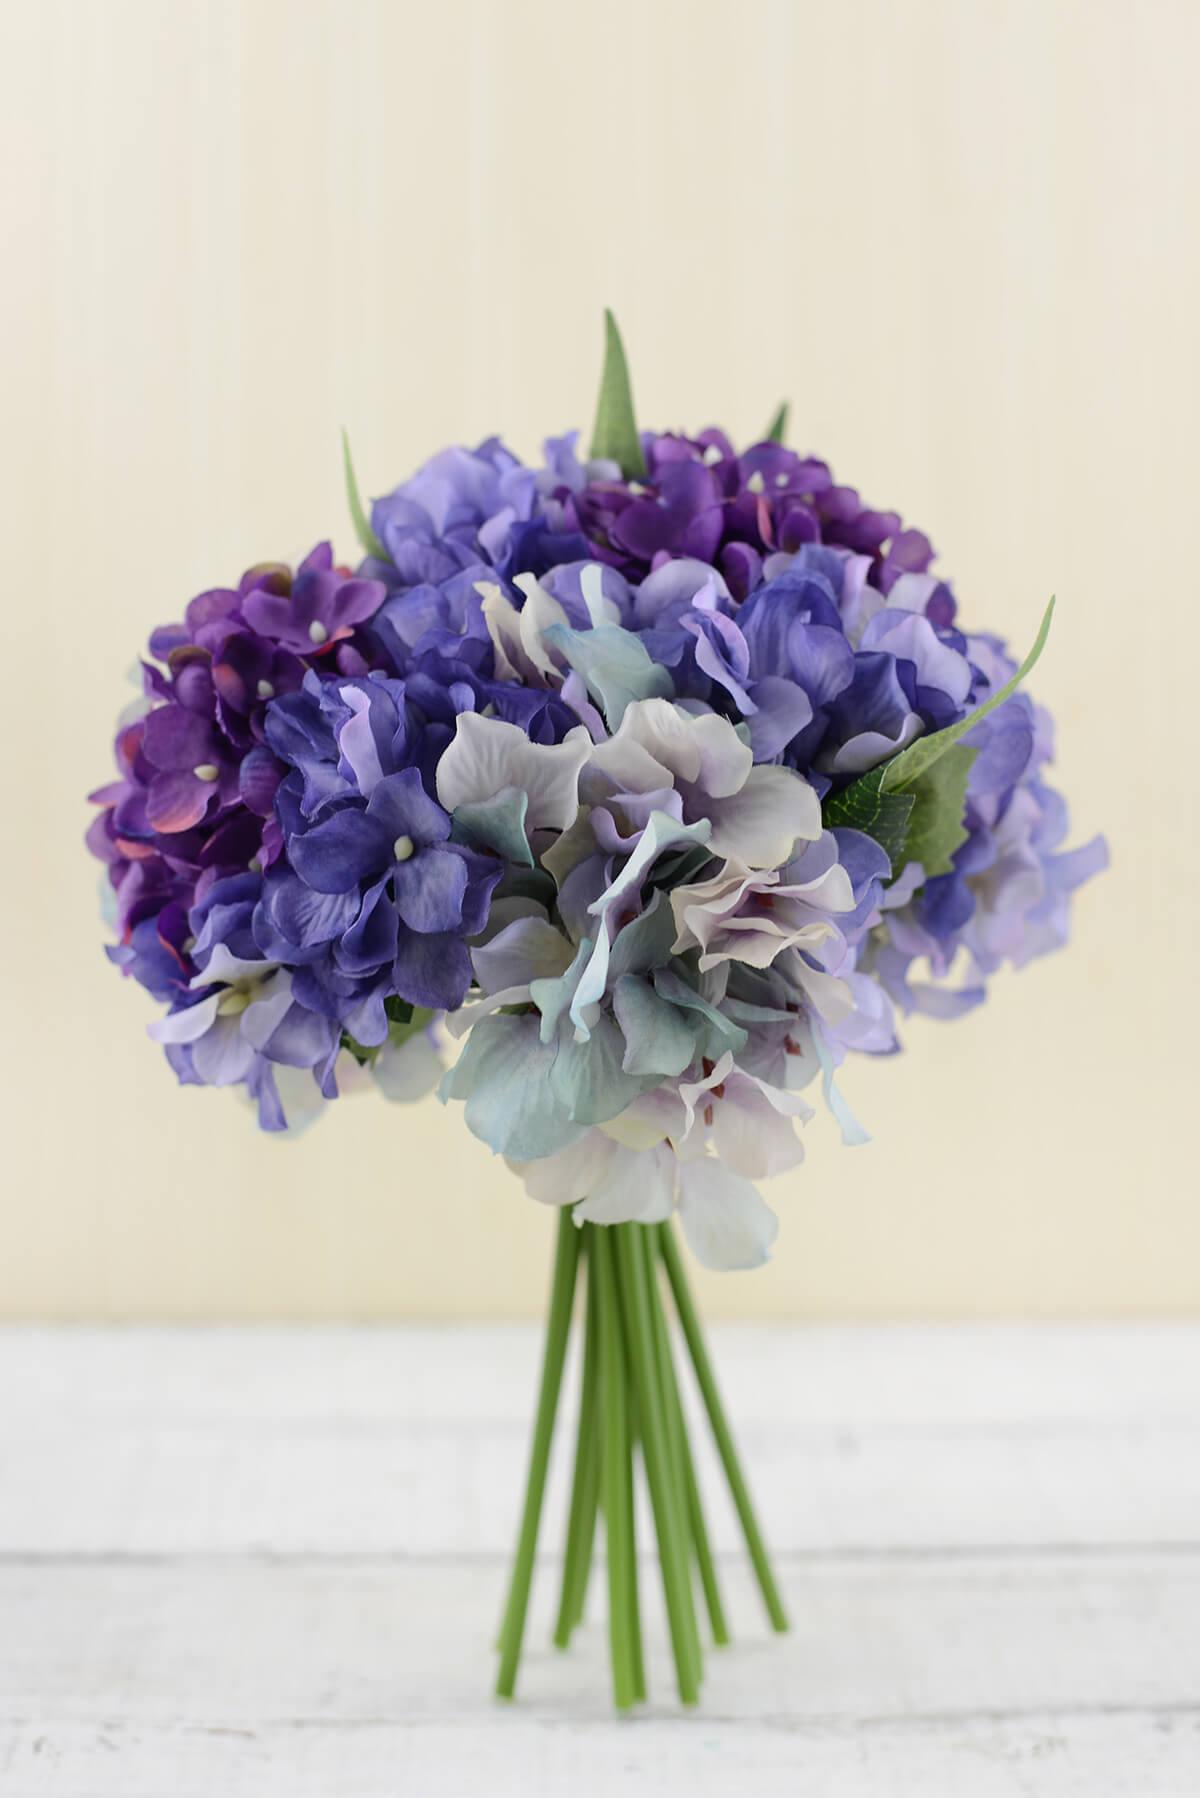 Hydrangea bouquet purple in